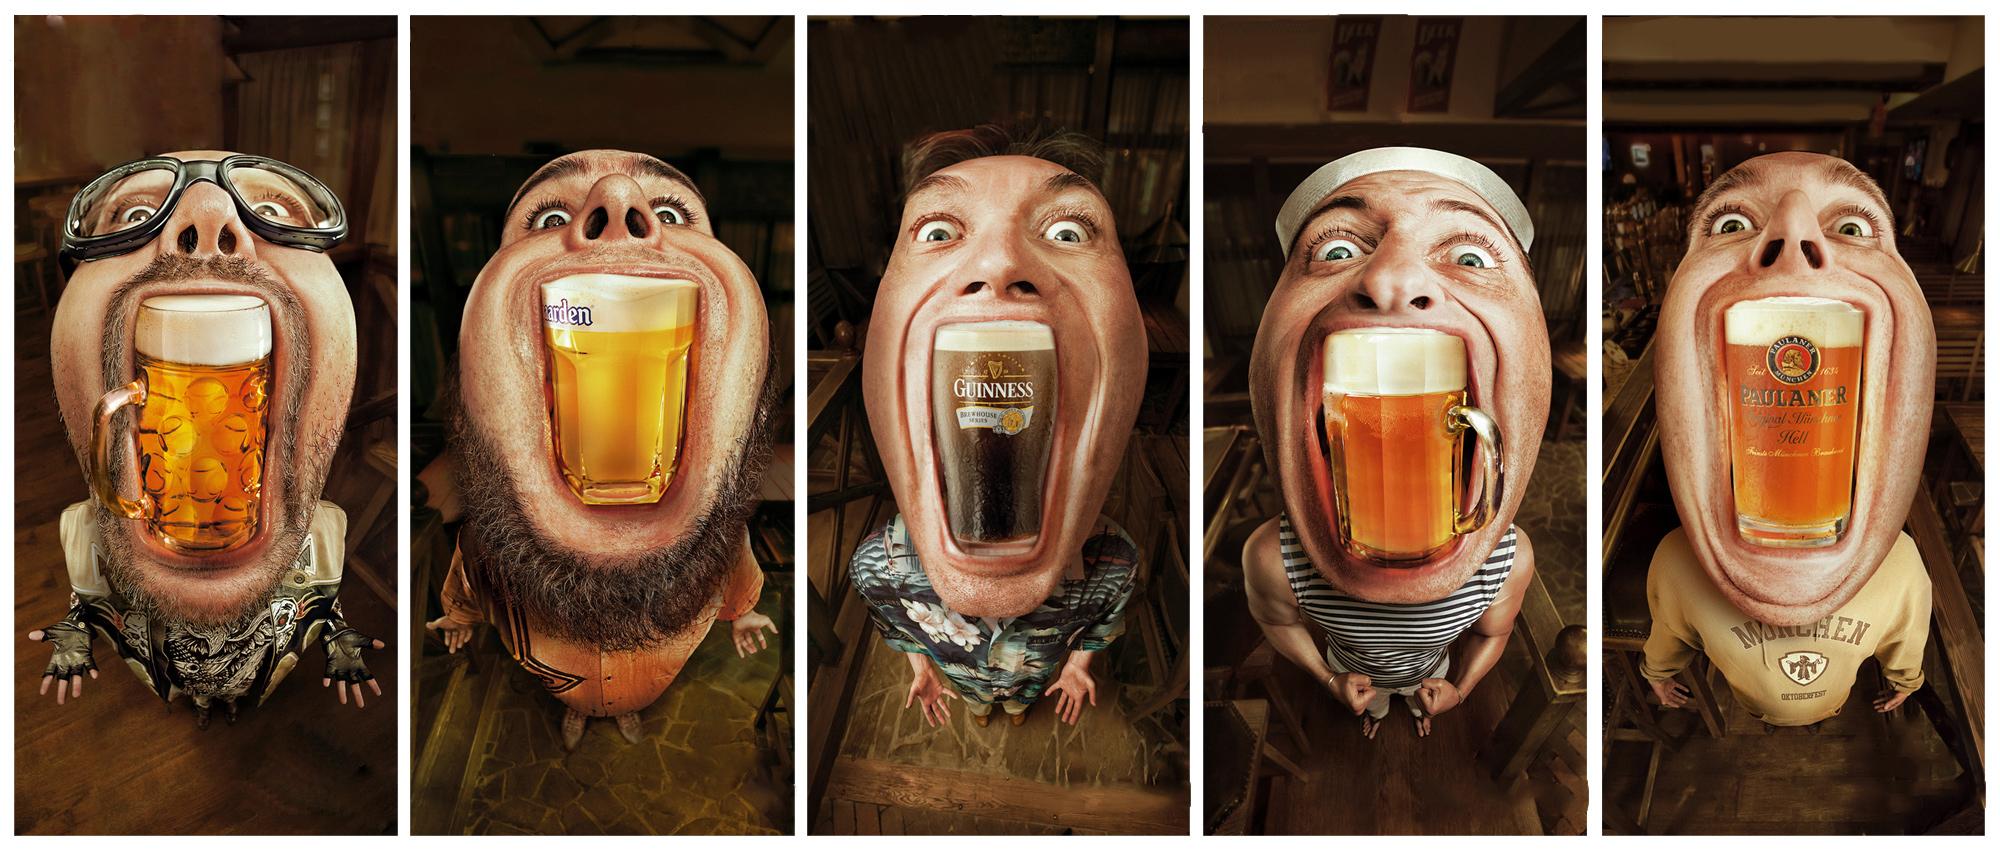 способствует хорошему реклама пива в интернете романтичная нежная натура